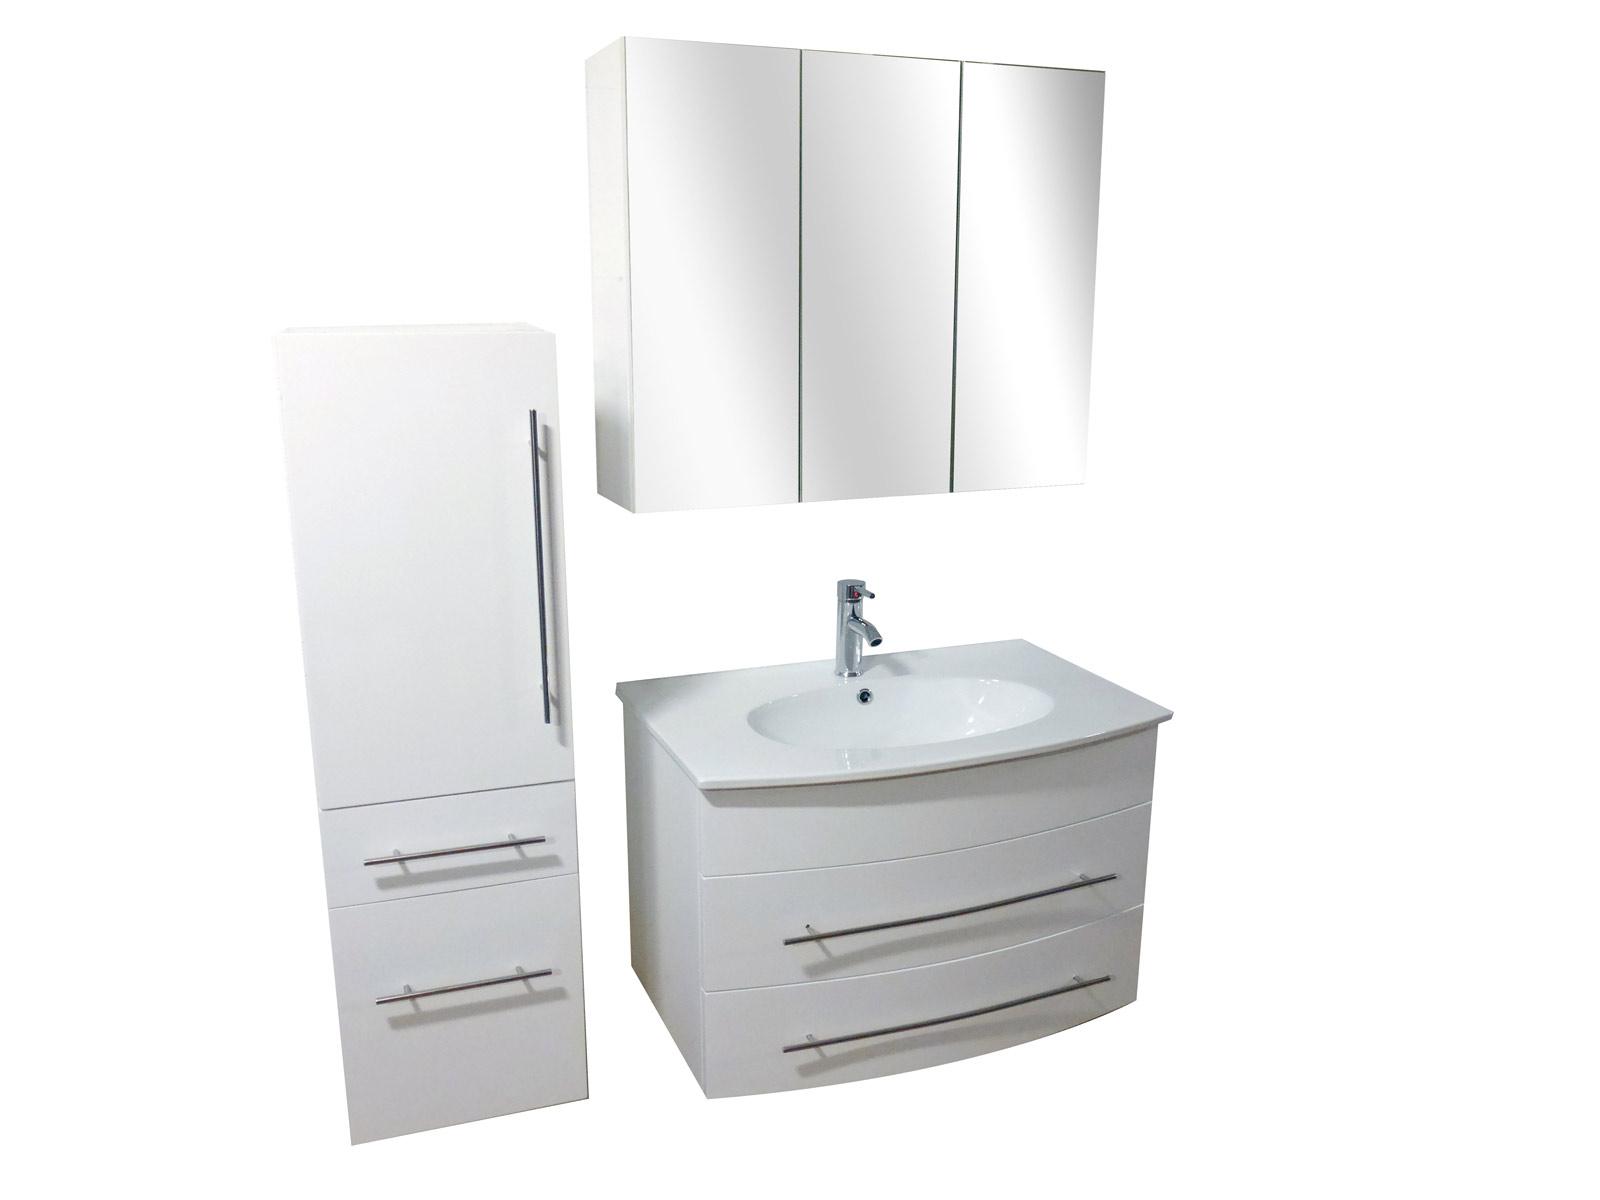 sam badm bel set 3tlg waschbecken 80 cm wei hochglanz. Black Bedroom Furniture Sets. Home Design Ideas